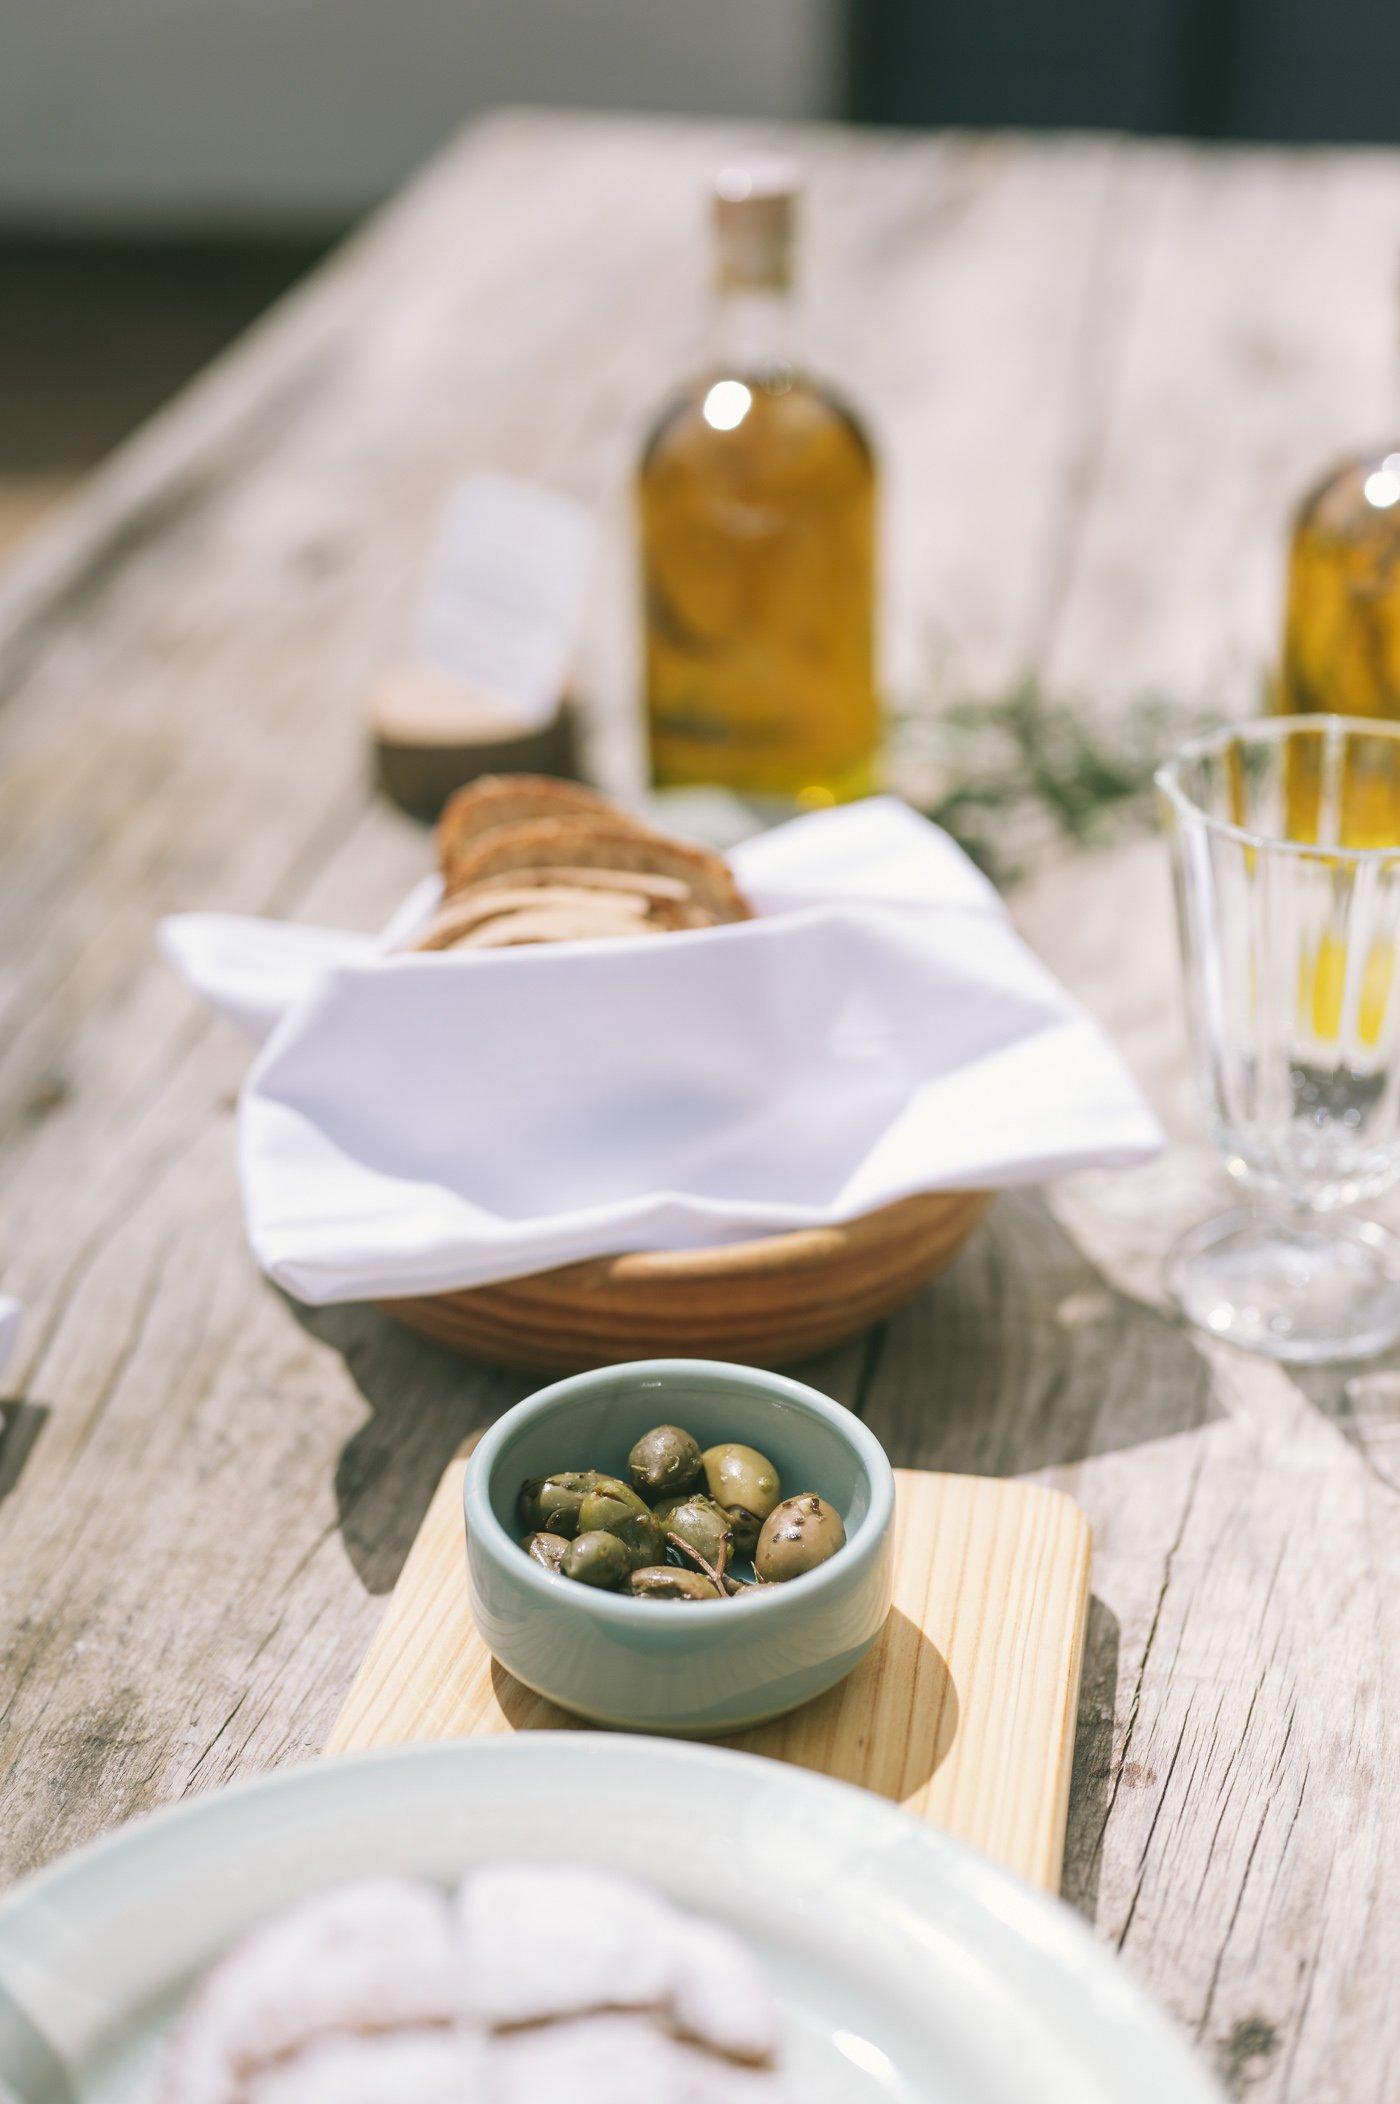 Olive oil tasting at São Lourenço do Barrocal in Alentejo Portugal